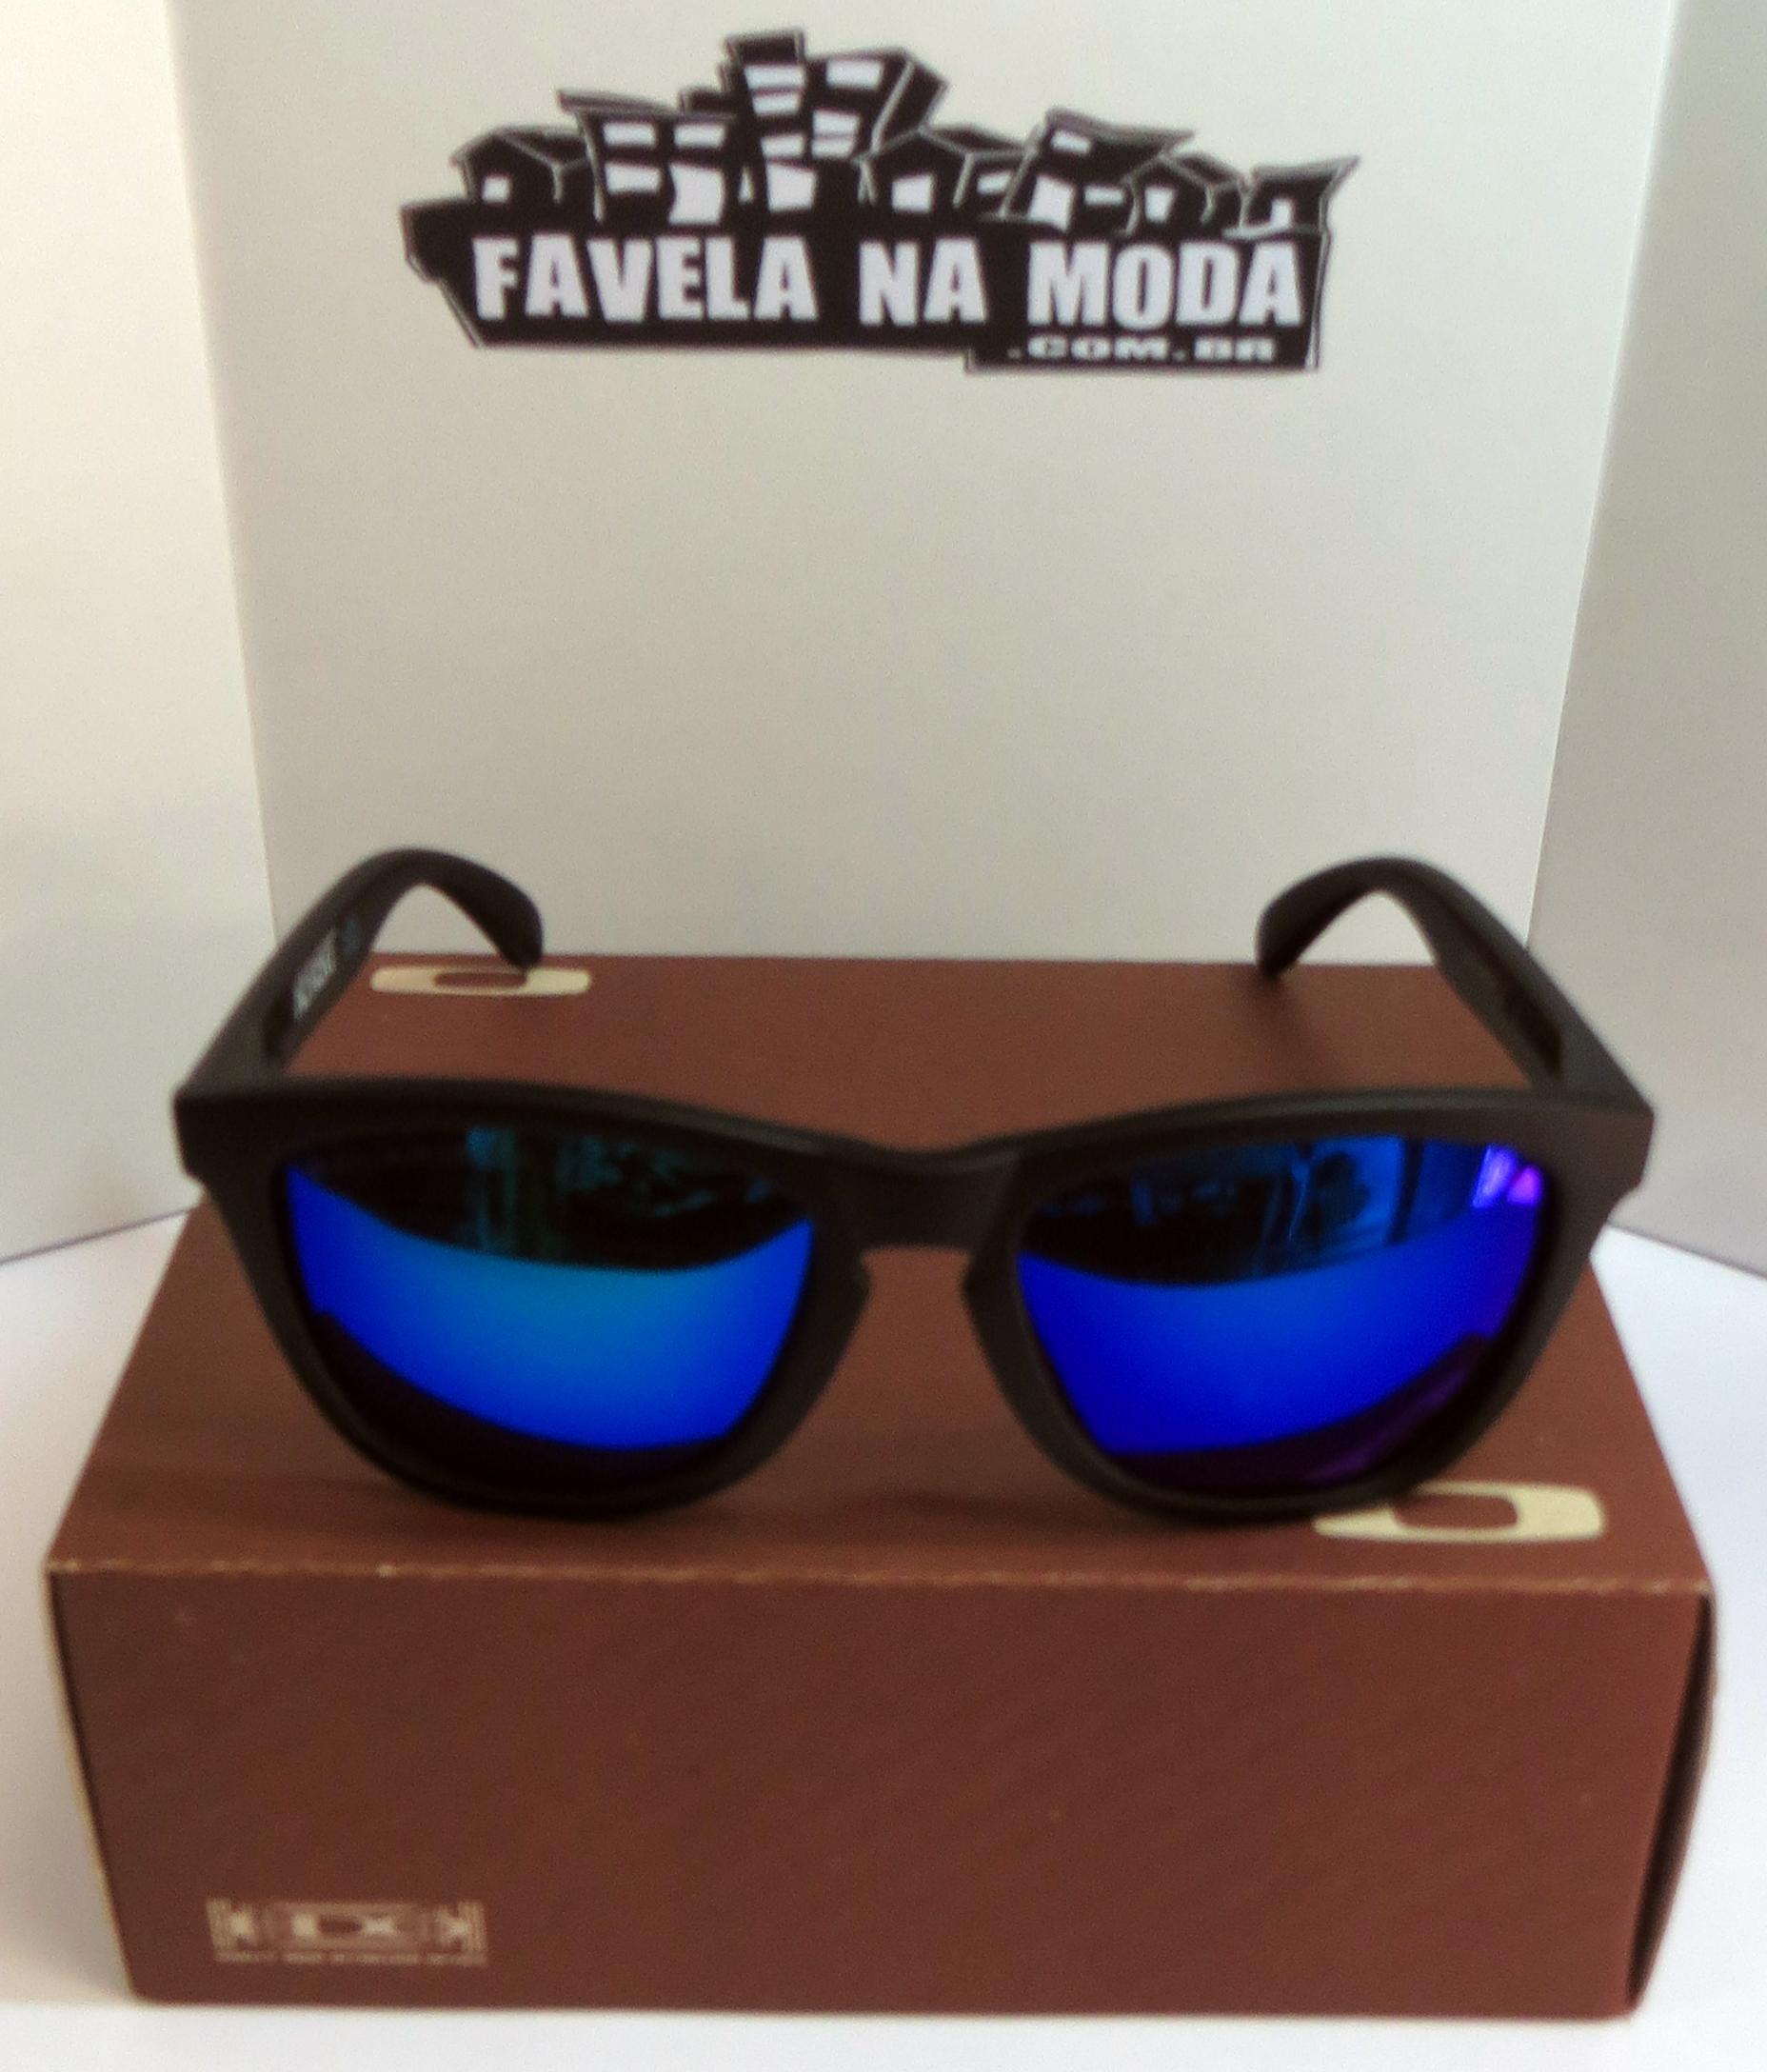 f1d2dcb4d Óculos Oakley Frogskins - Armação Preto Fosco / Lente Azul / Oakley ...